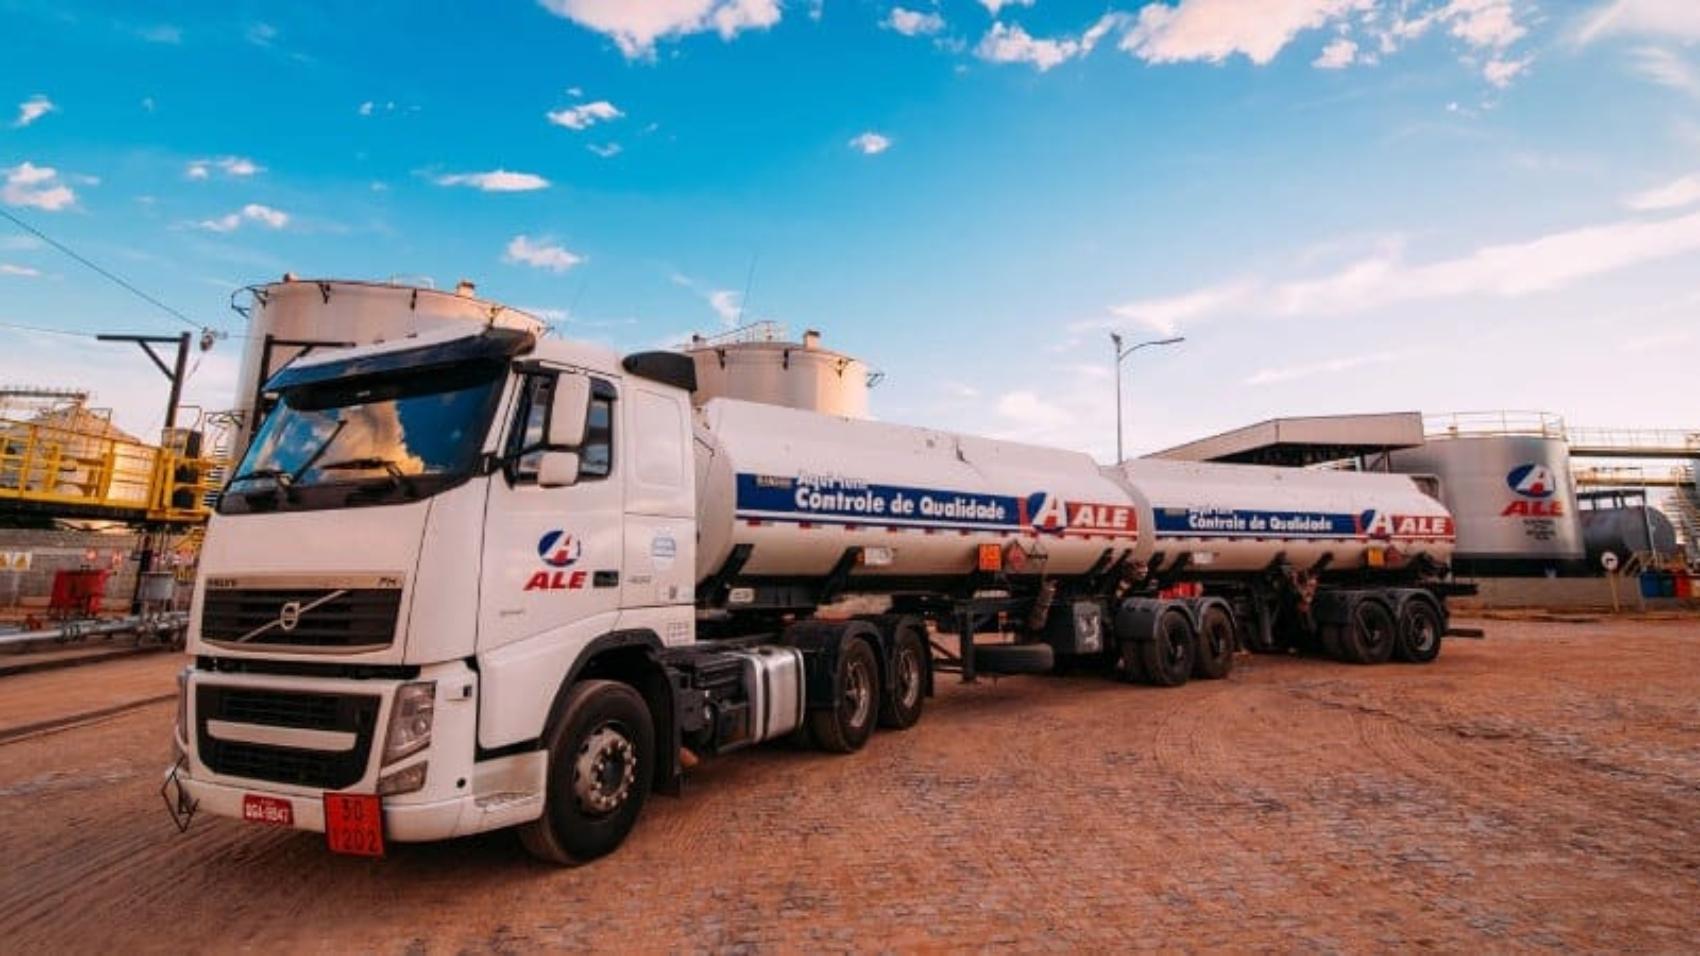 segurança no transporte de produtos químicos